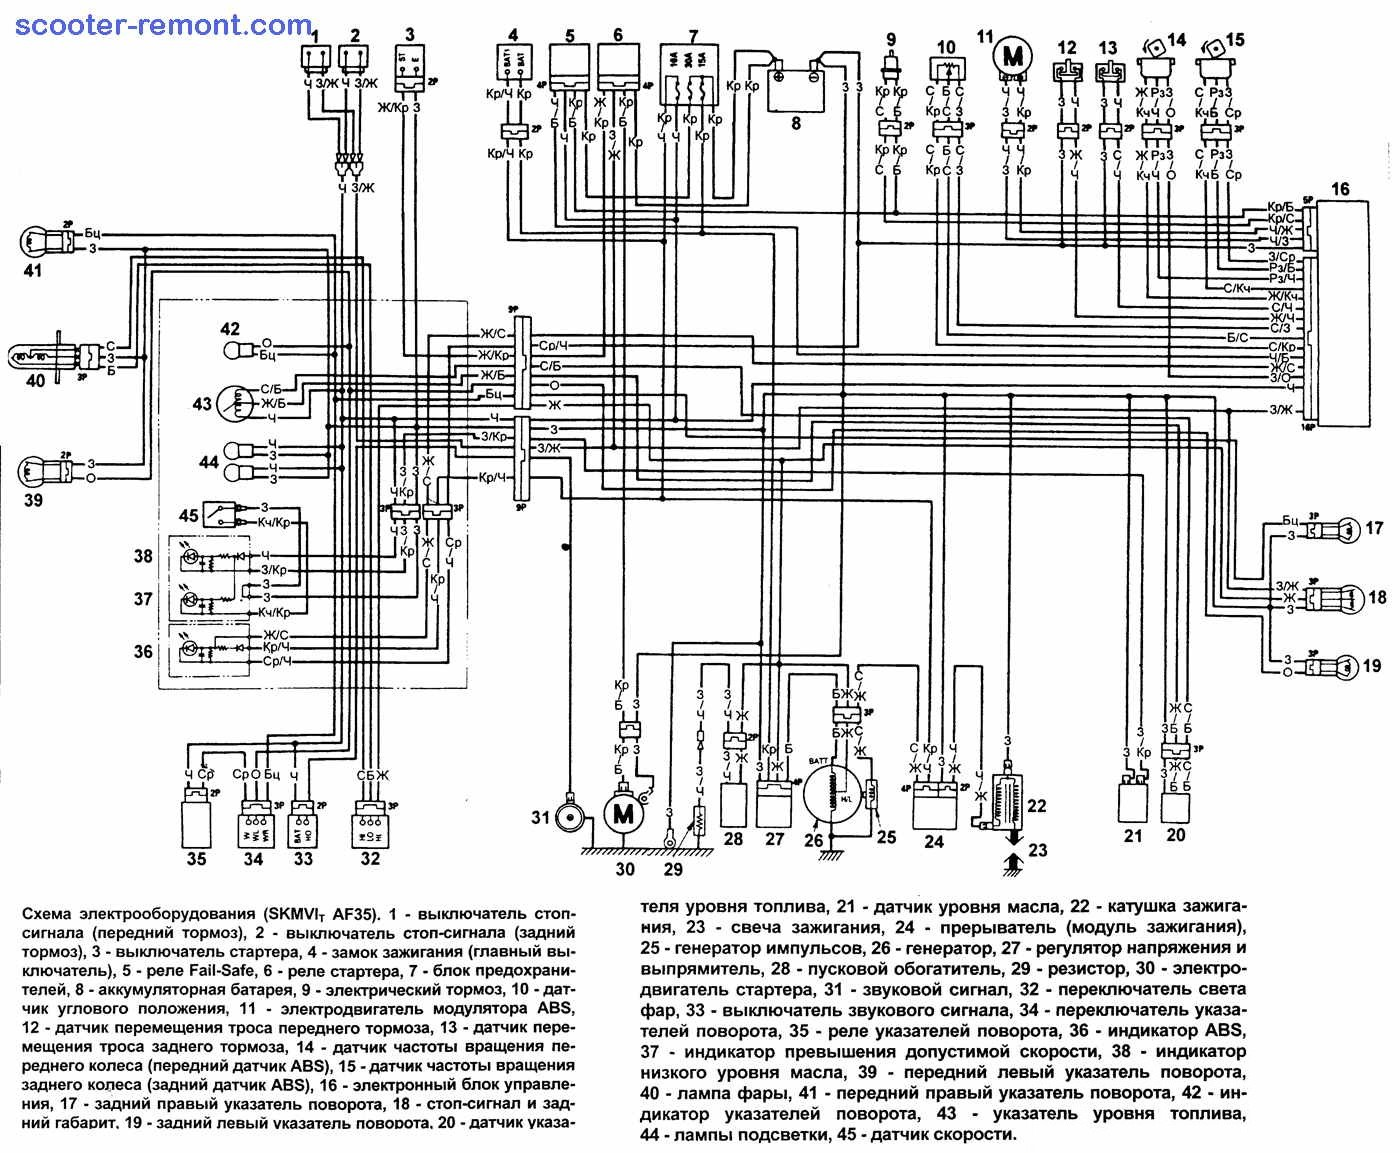 как подключить магнитофон на хонде фит инструкция к проводам